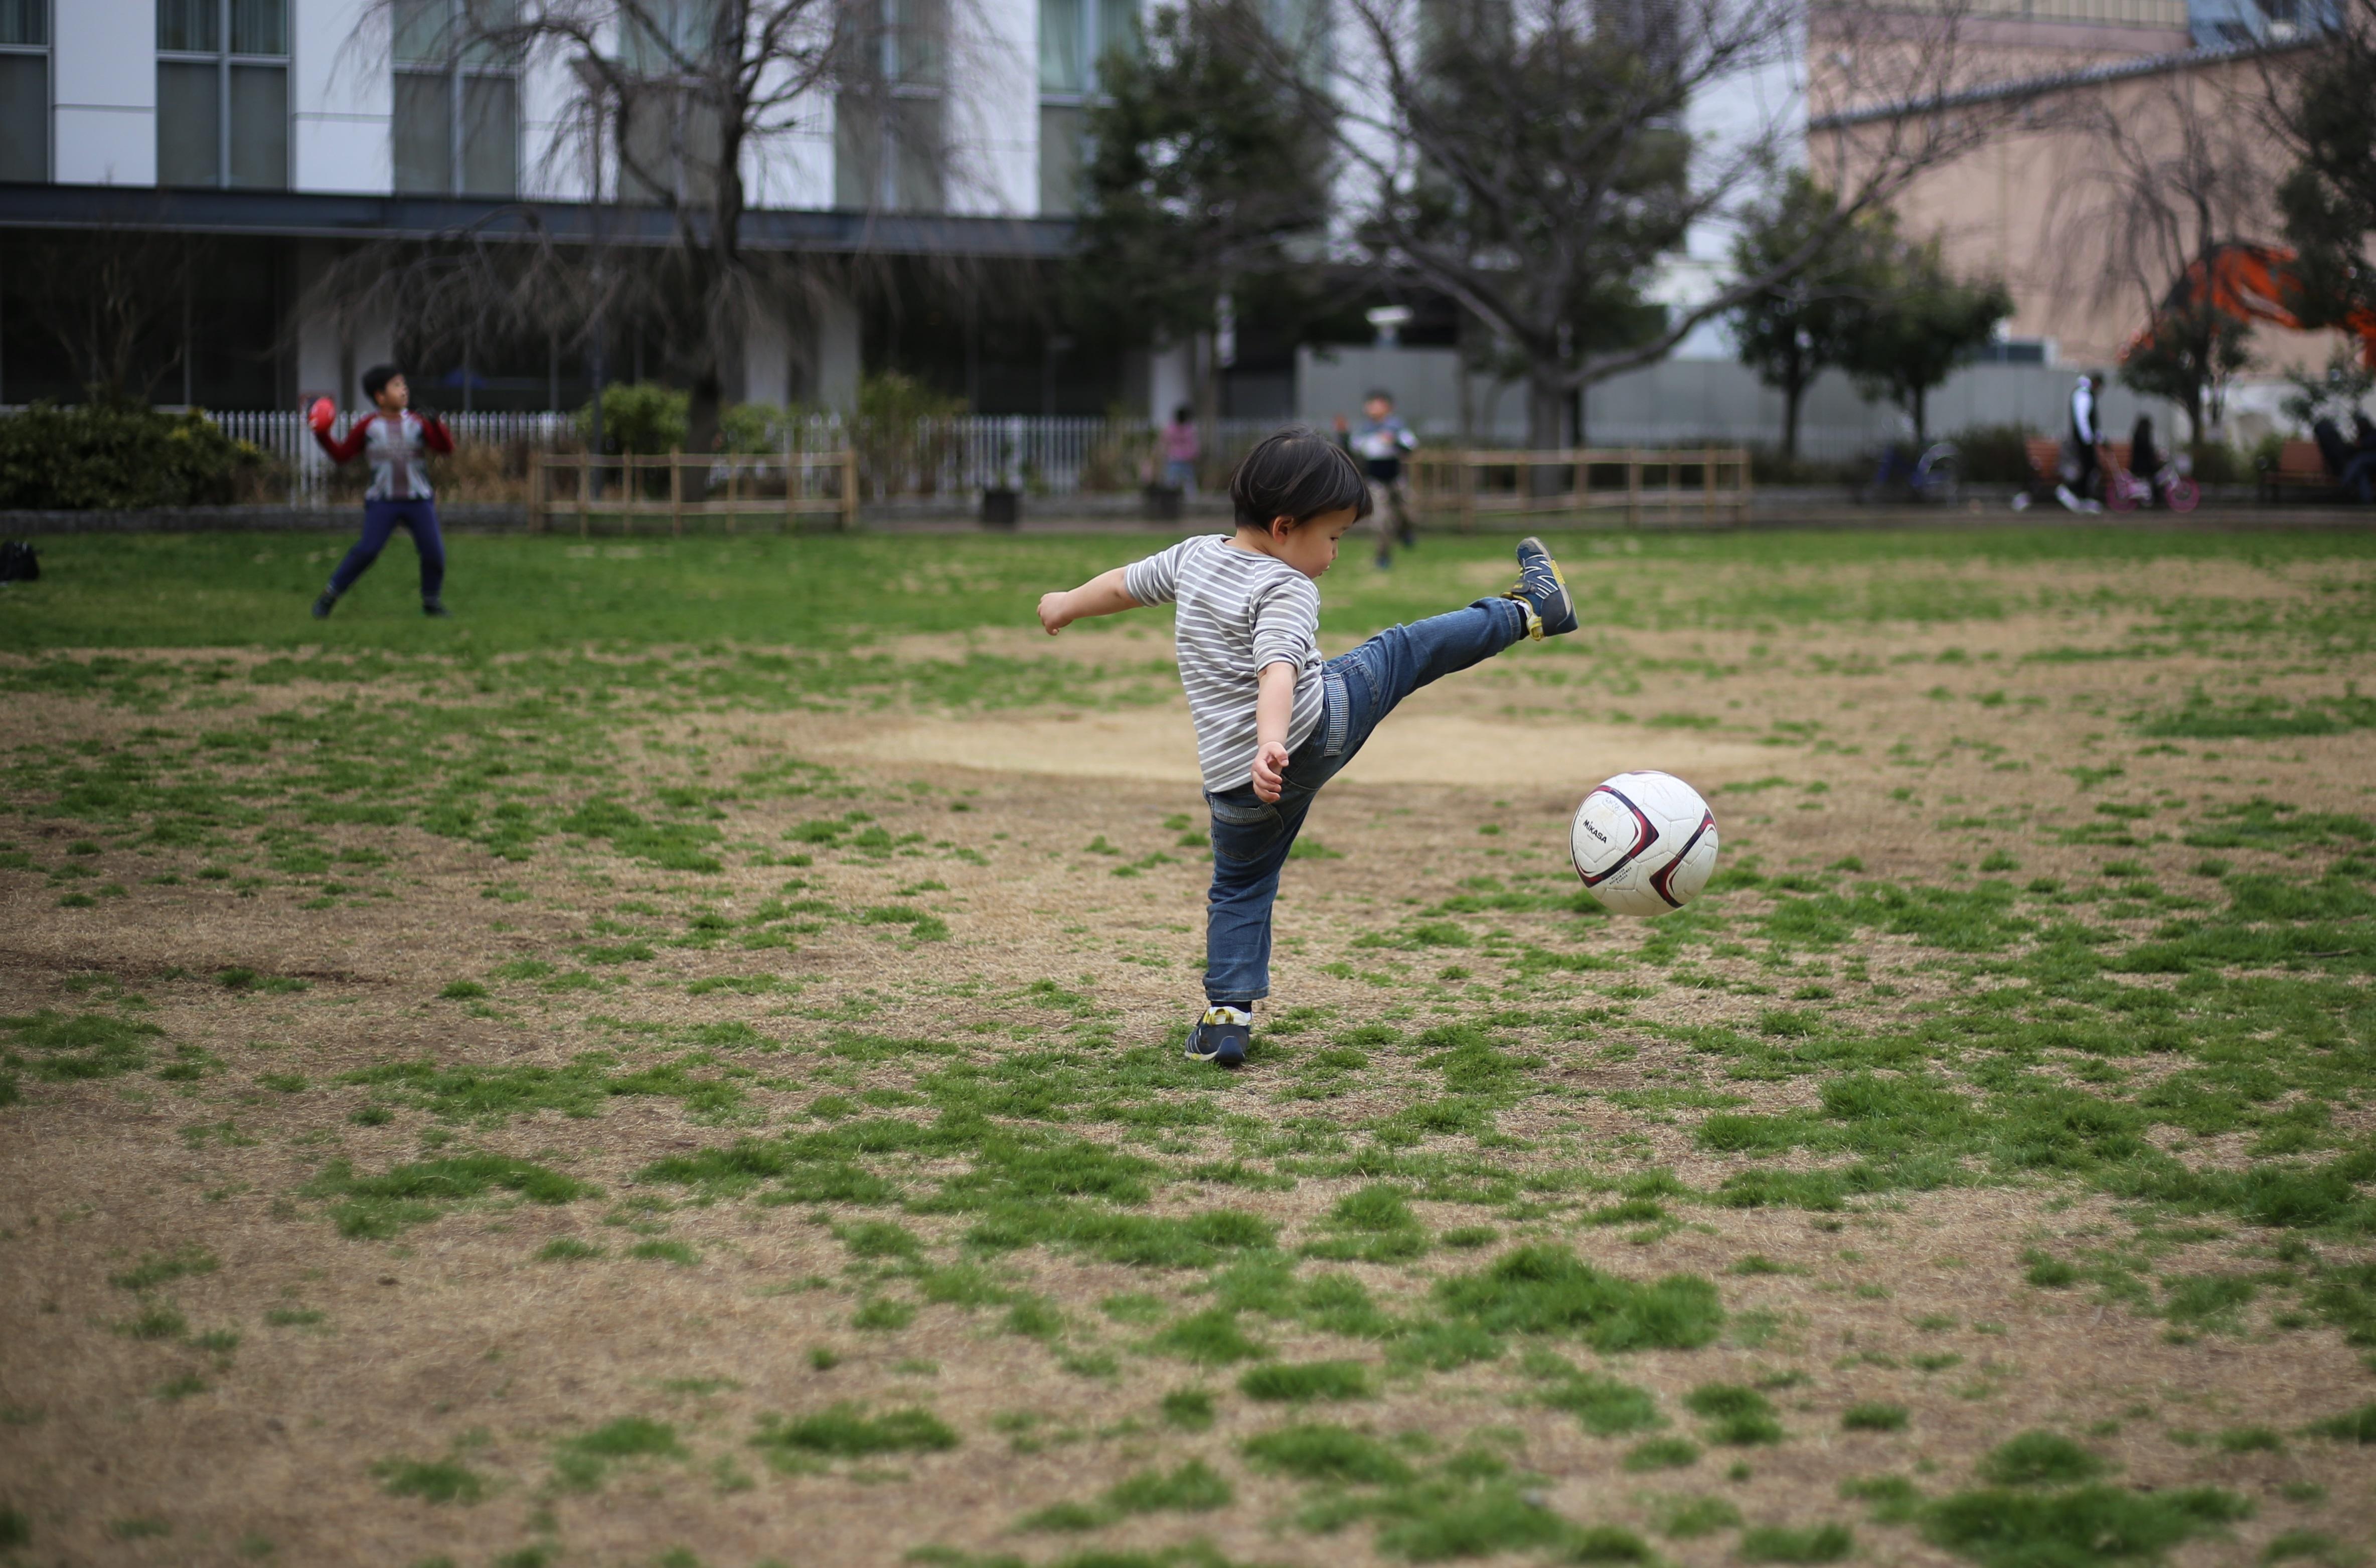 同じ公園で今度は良いもの見た。【子育て参加】の限界点を超えろ。